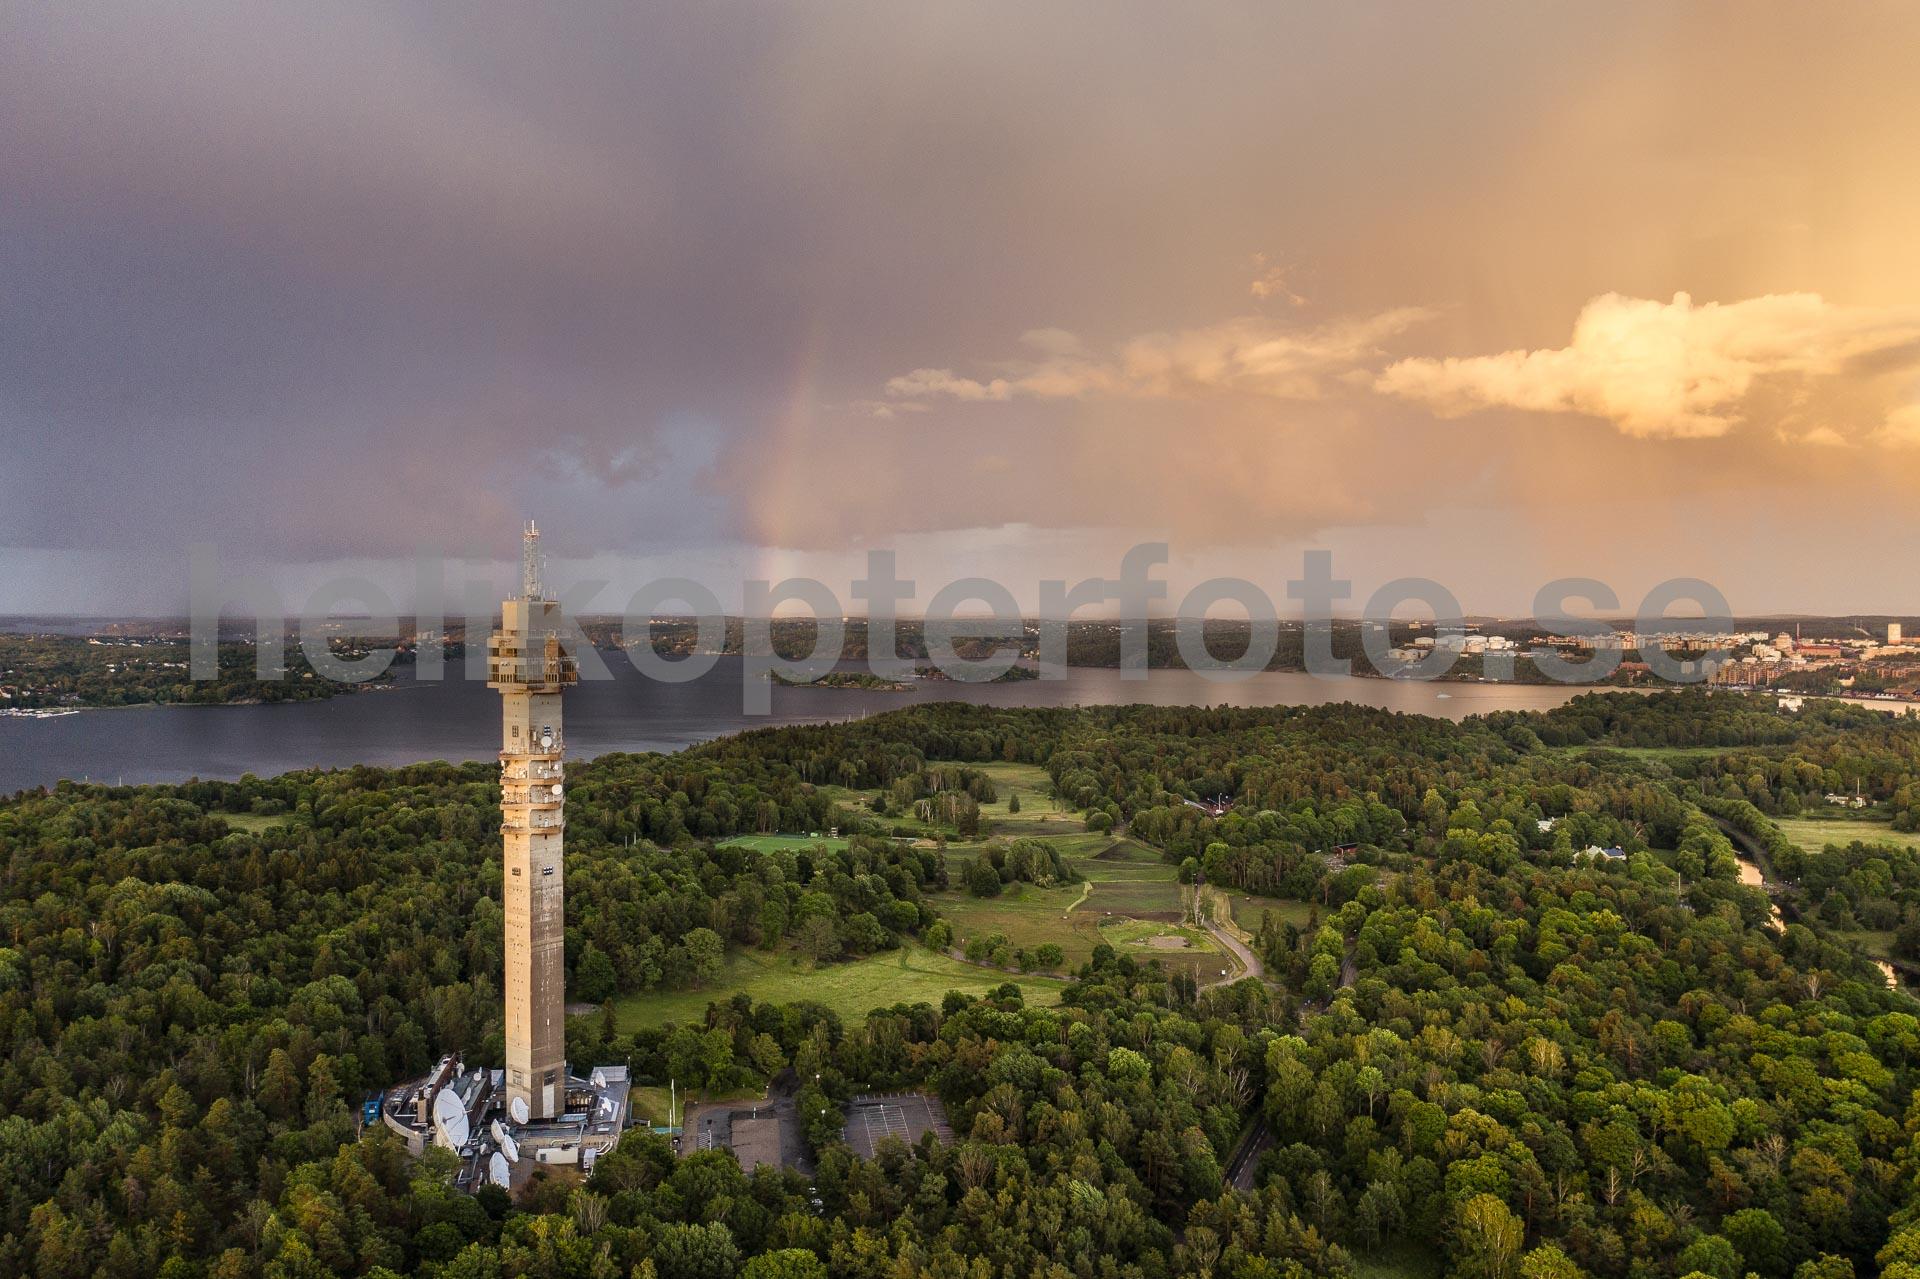 Kaknäs på Djurgården med Kaknästornet och regnbåge